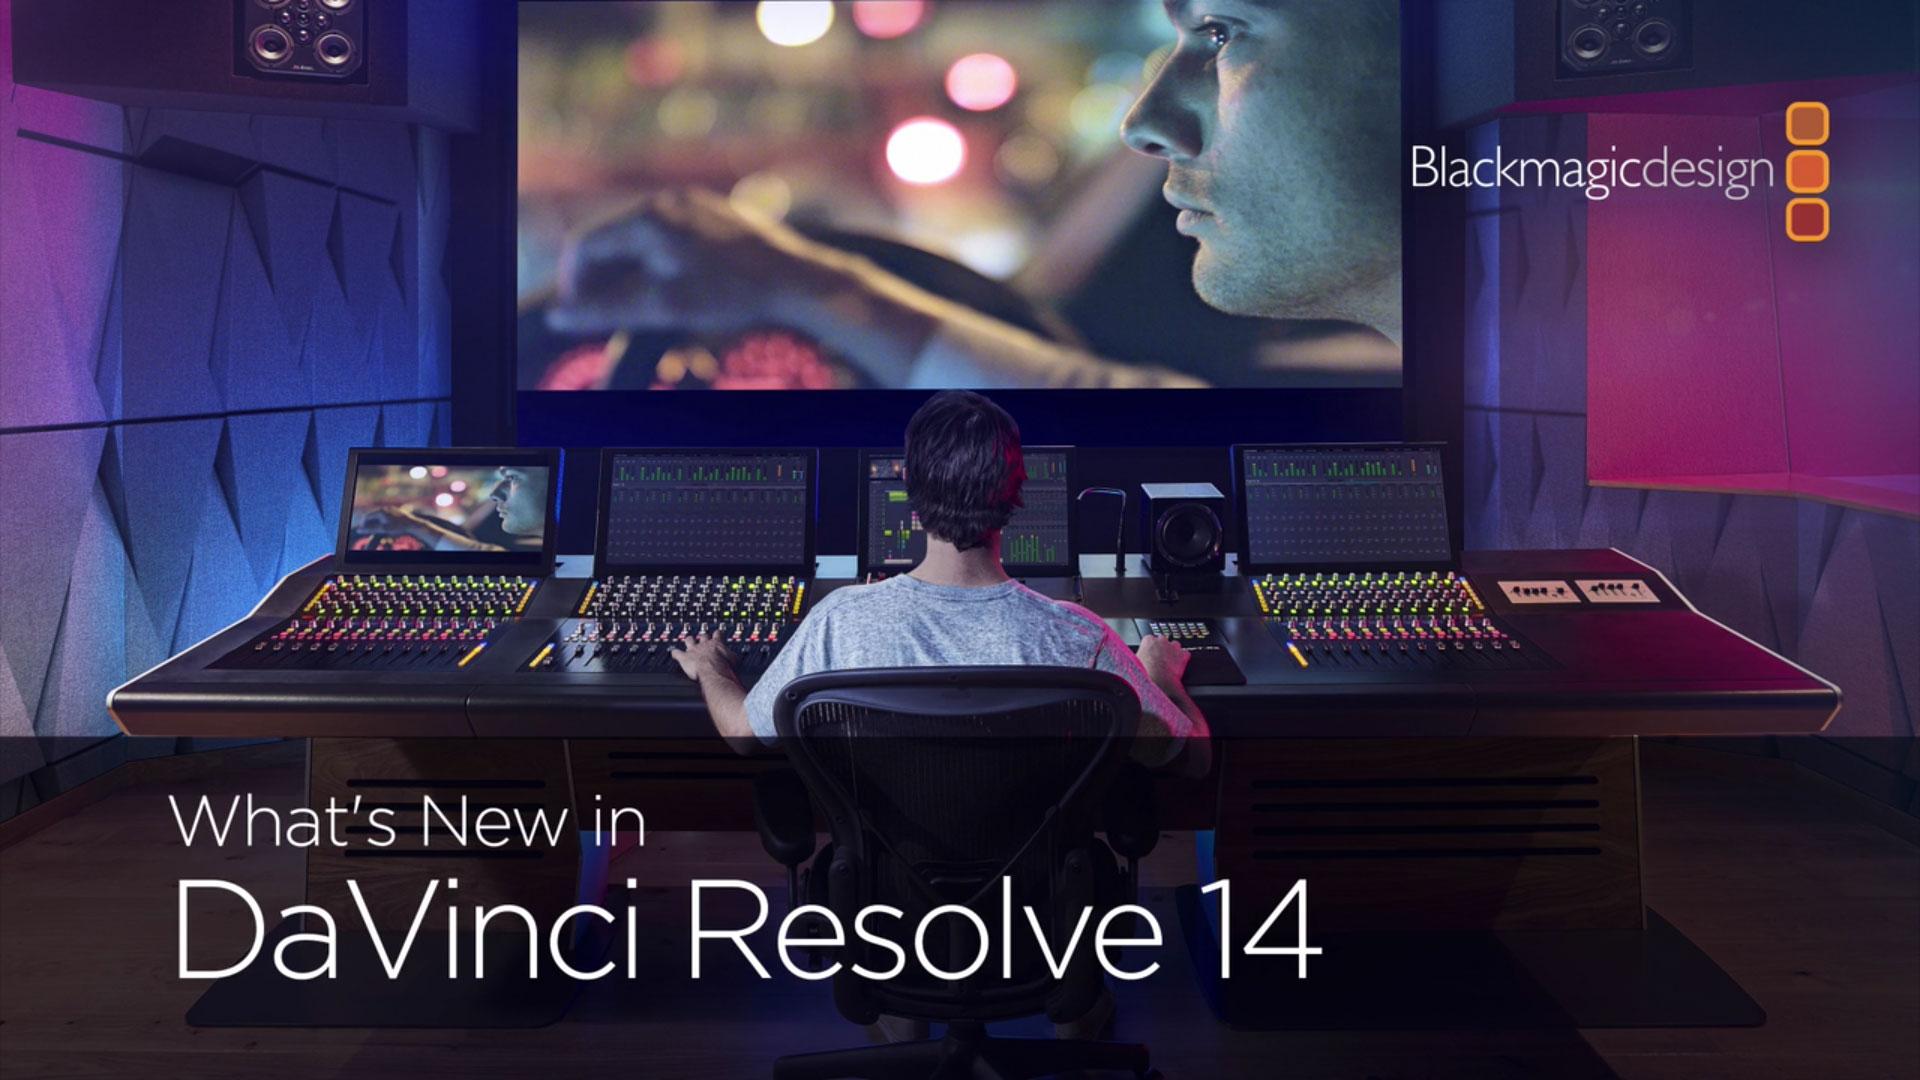 ブラックマジックデザインDaVinci Resolve 14が無料ダウンロード可能に